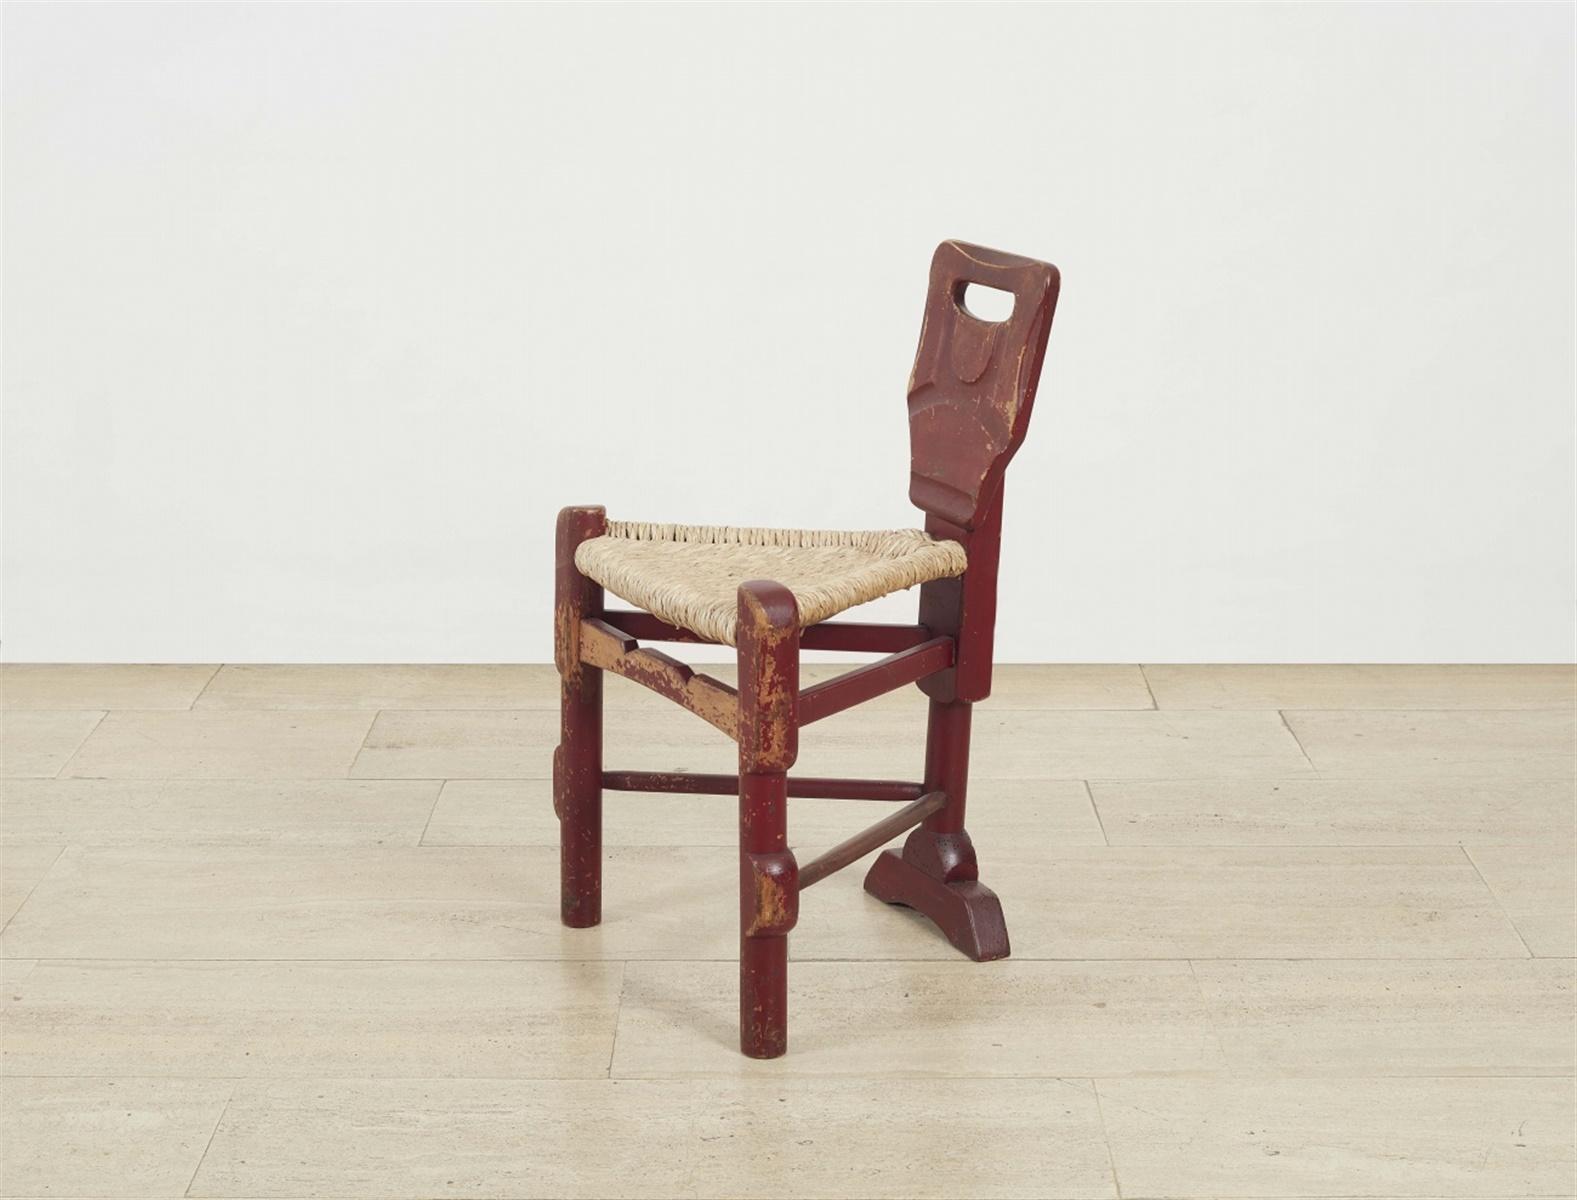 Seltener Stuhl von Bernhard HoetgerRot gefasstes Hartholz, Binsengeflecht. Ausgefallenes,